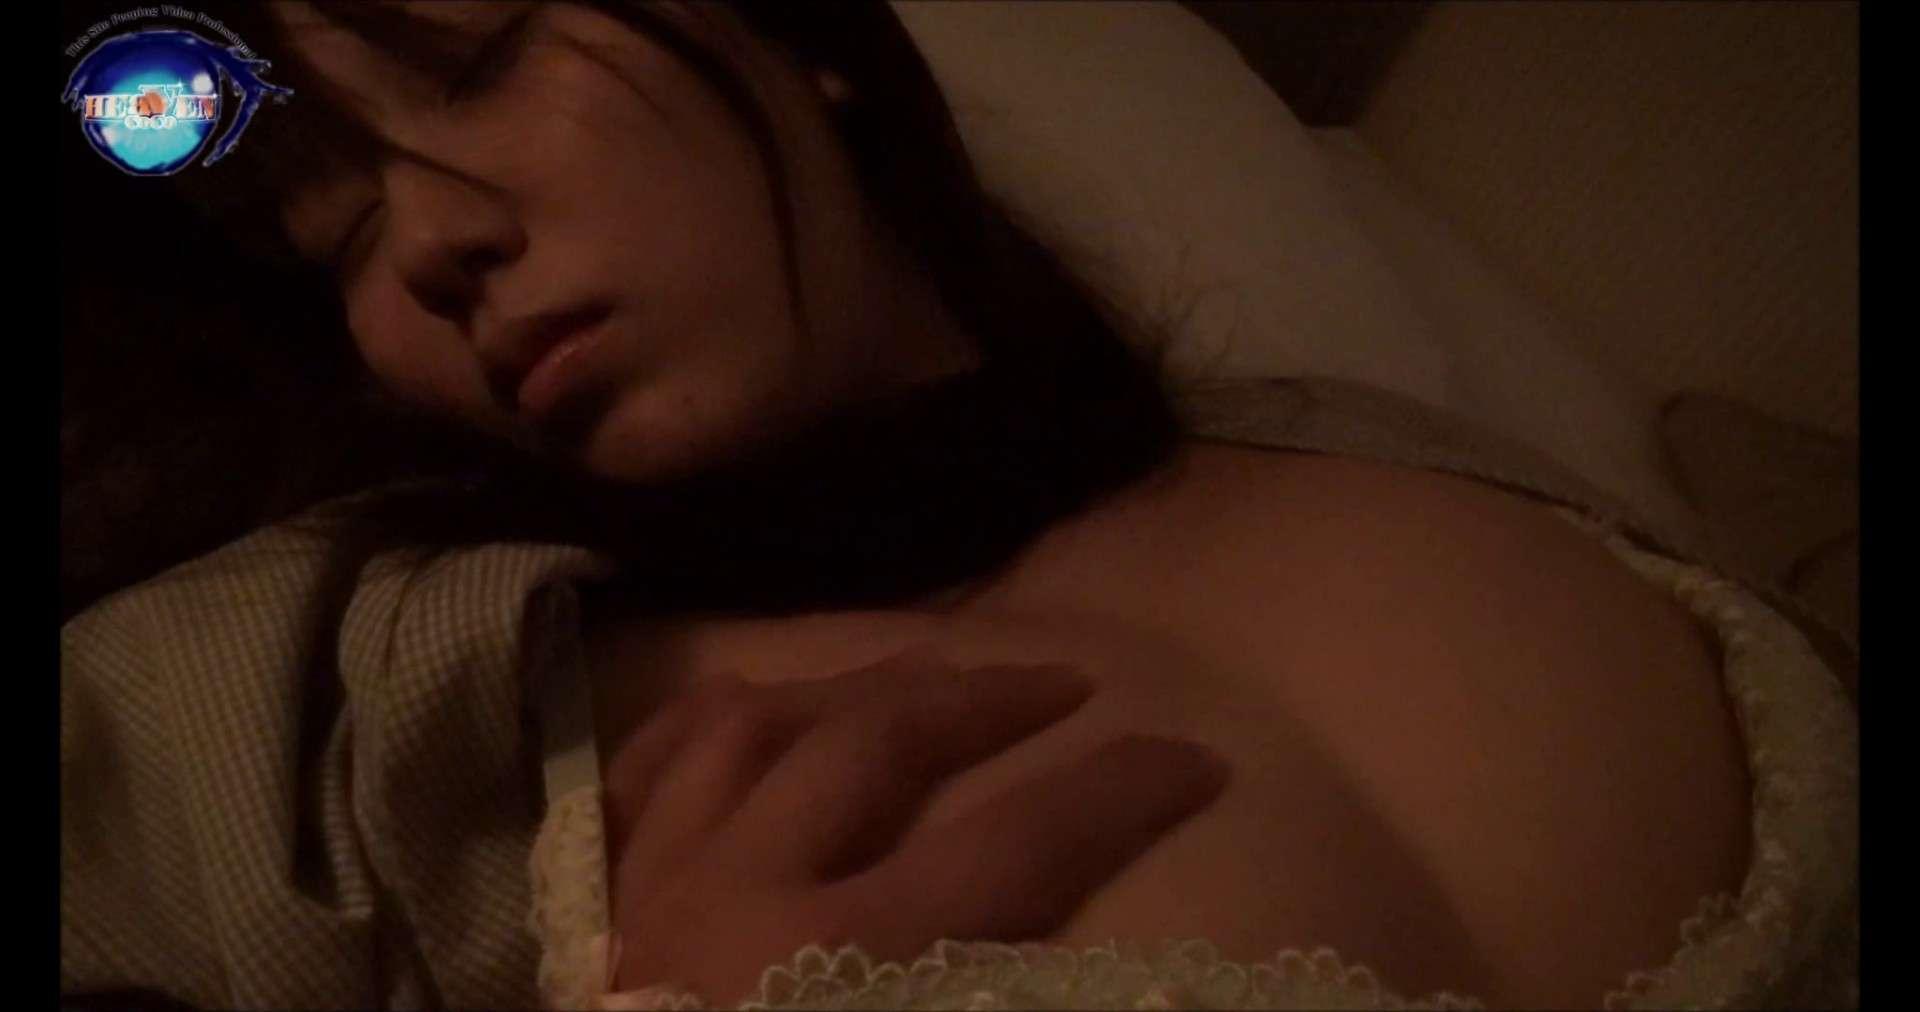 睡魔 シュウライ 第五弐話 前編 下半身 | イタズラ  104pic 25